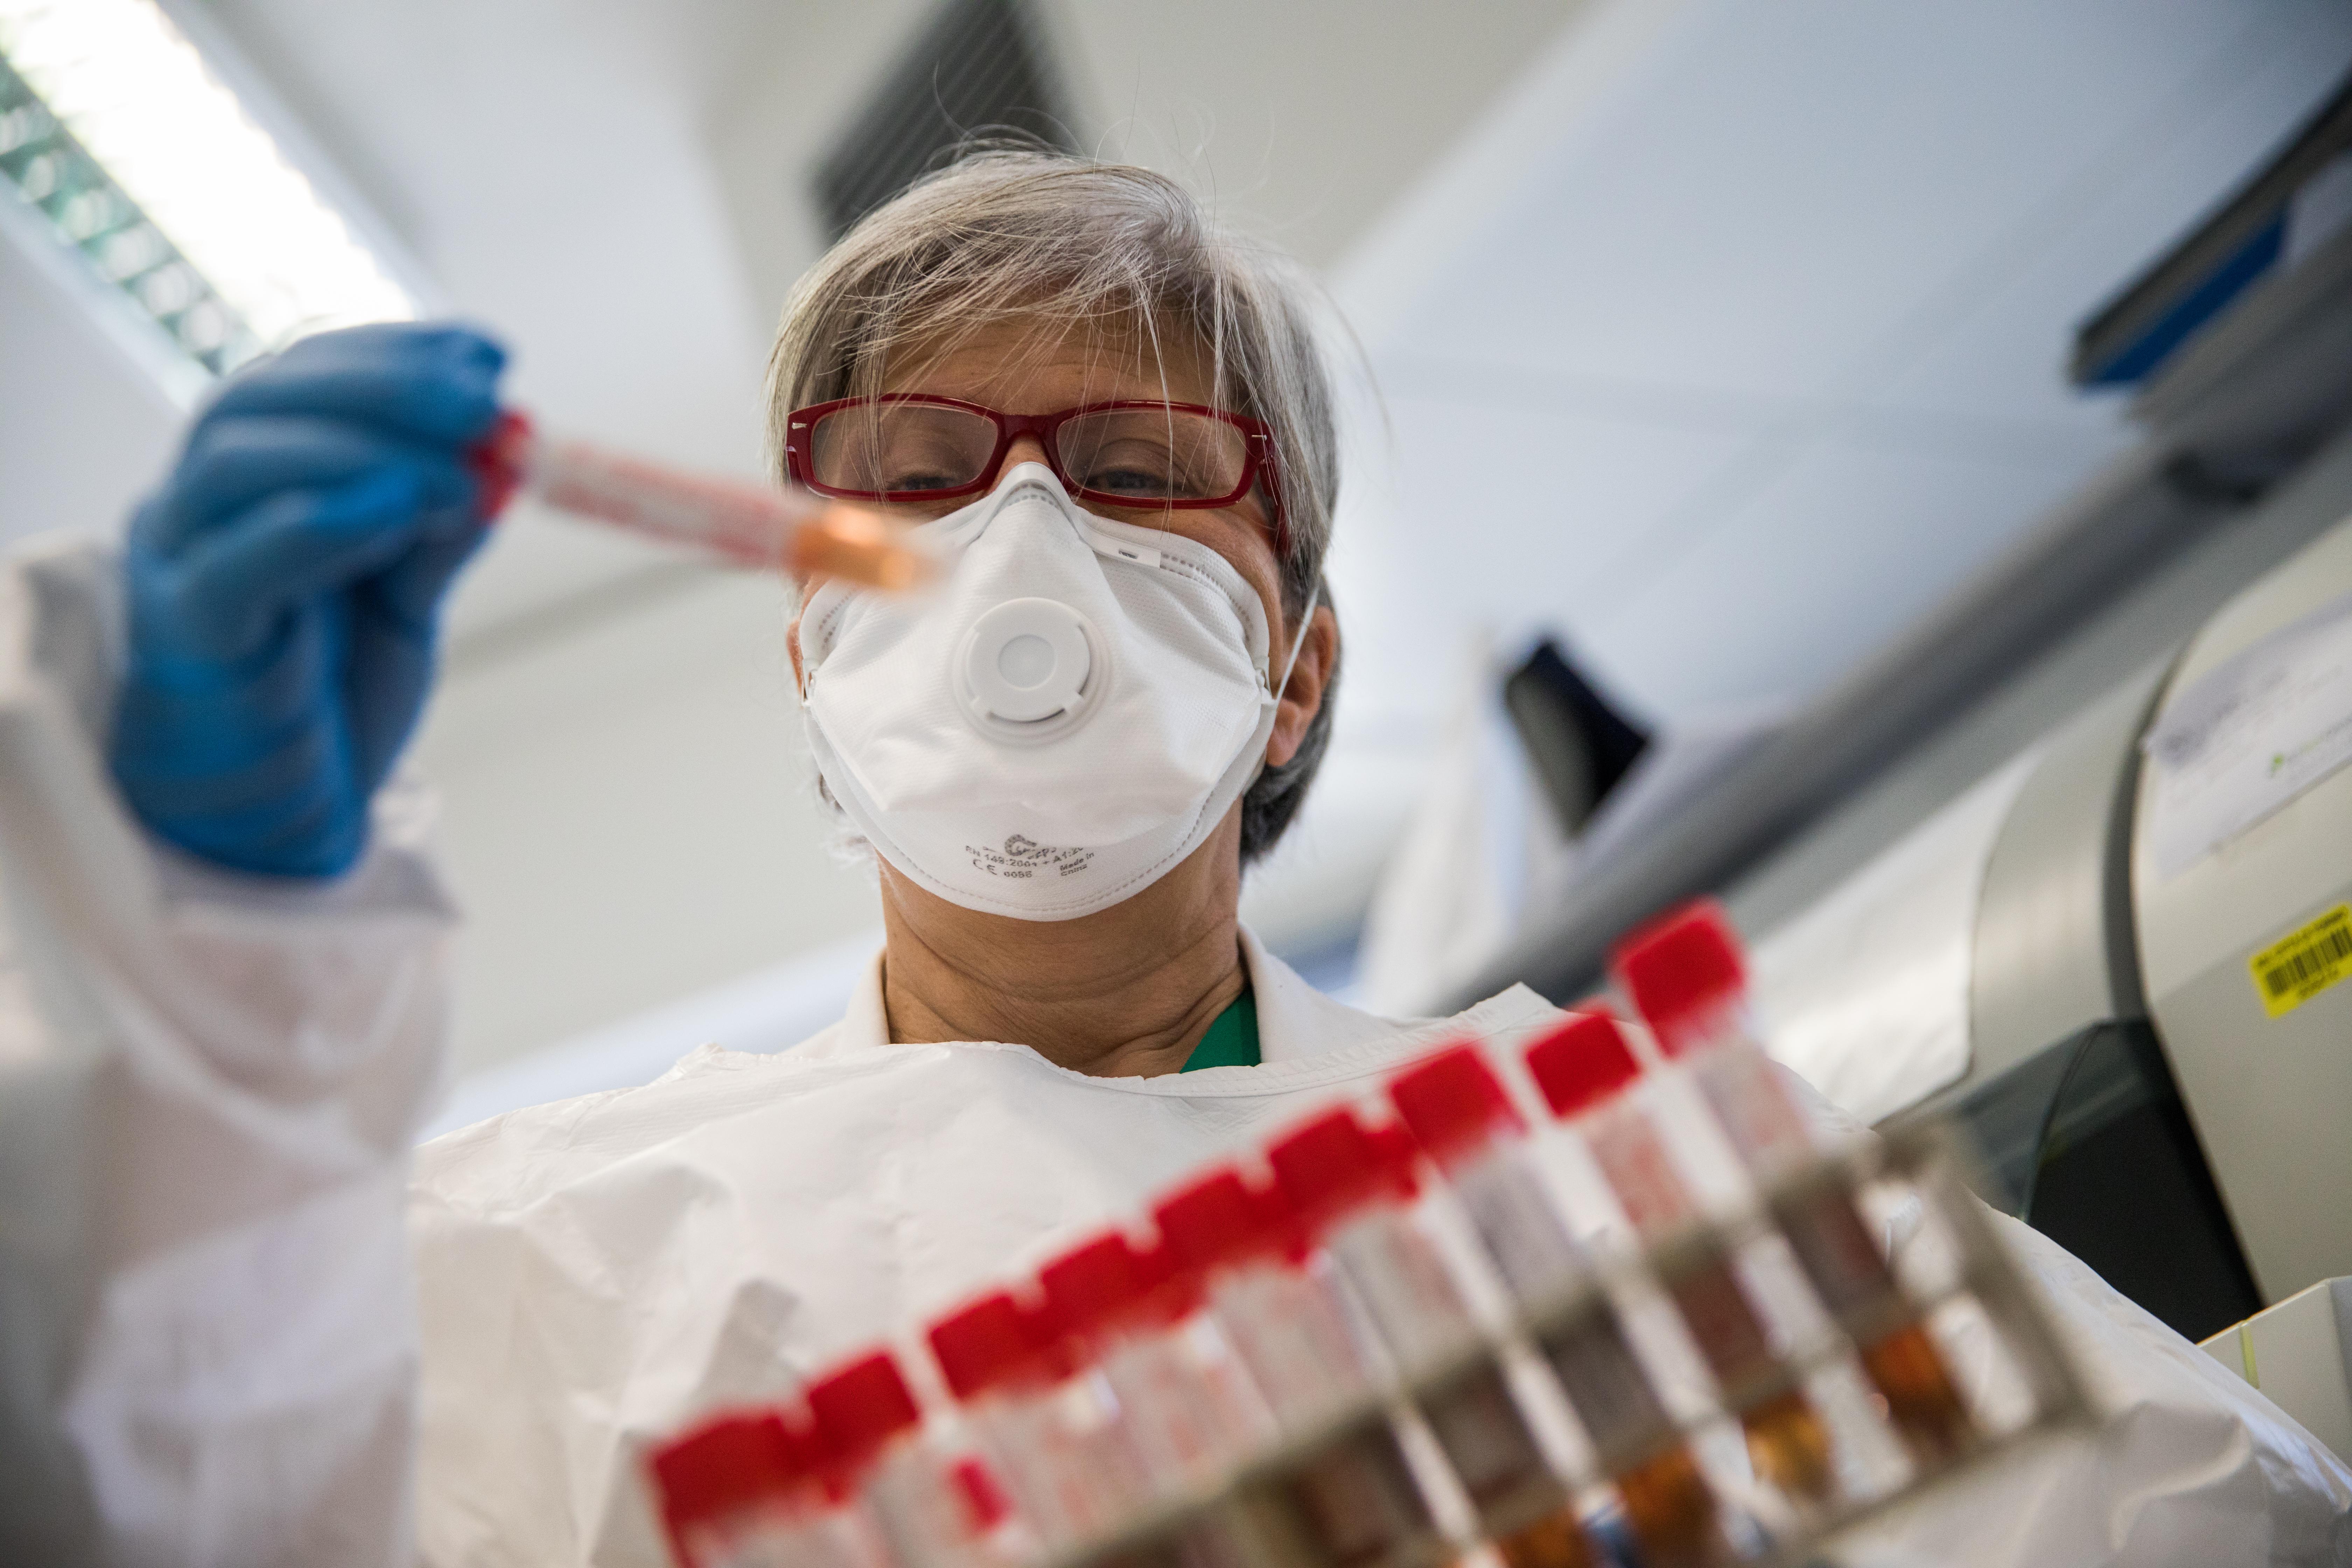 12-re nőtt a koronavírussal fertőzöttek száma Magyarországon